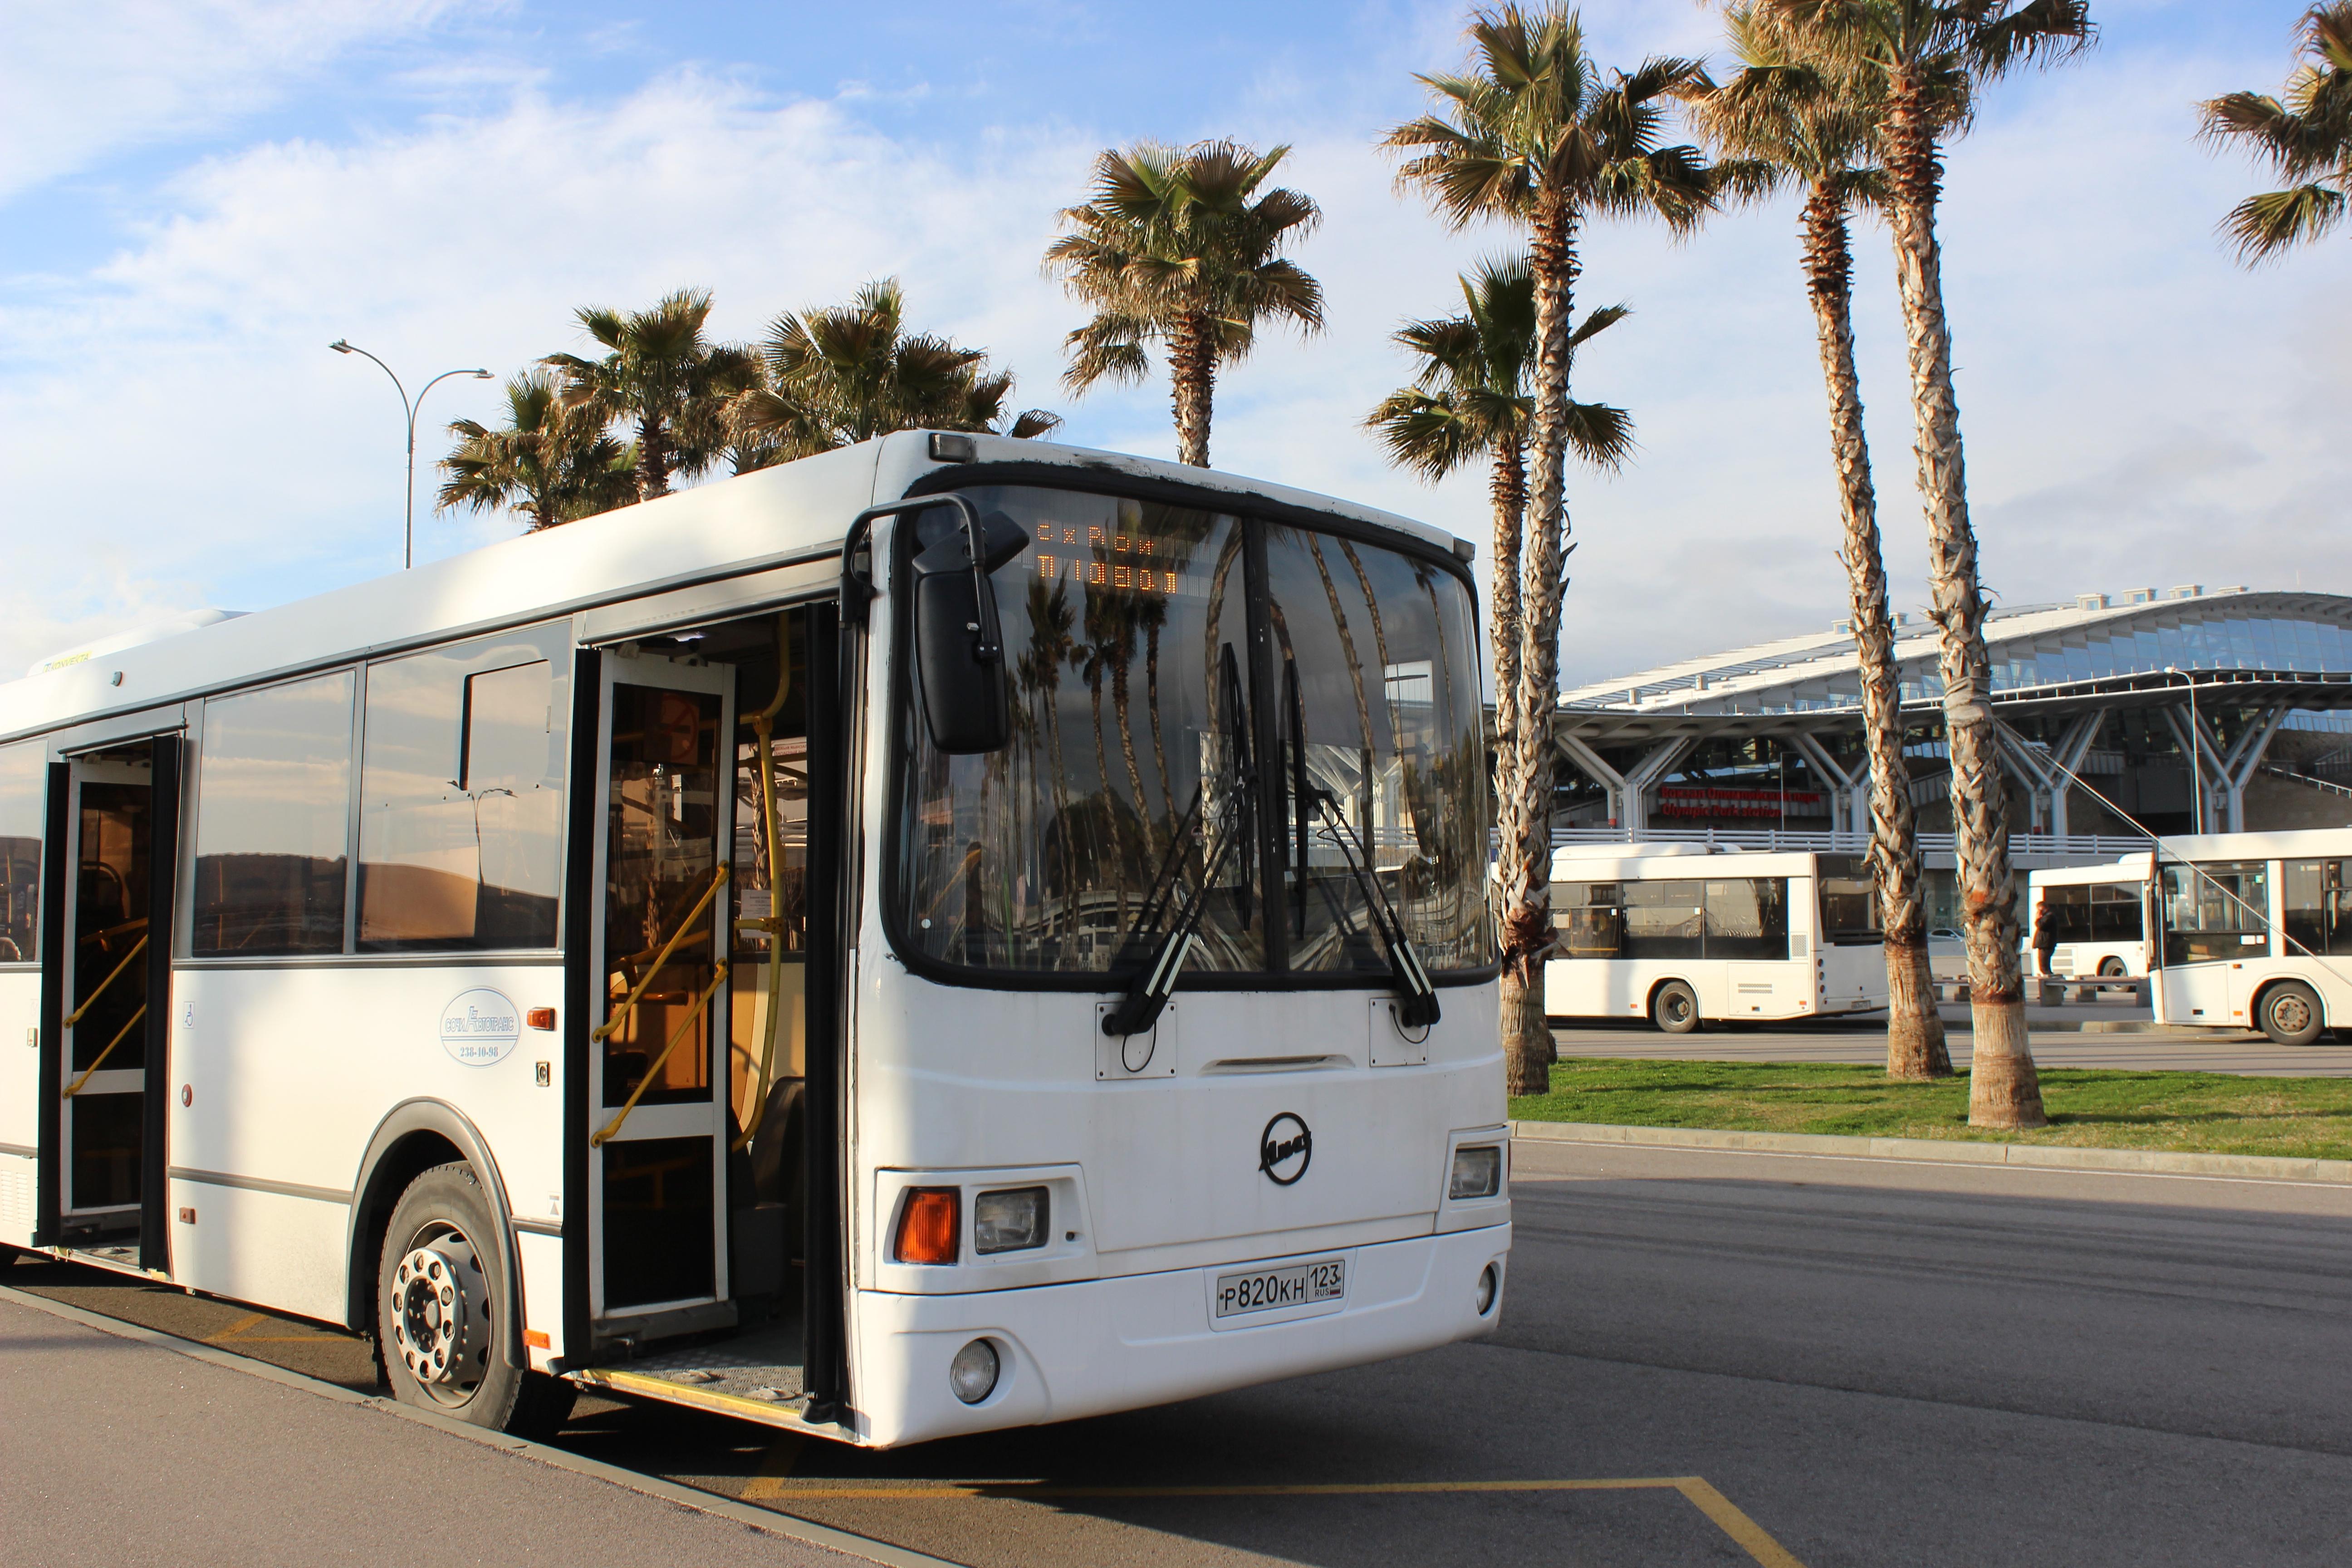 Транспорные претпереияти автобусы видео бесплатна